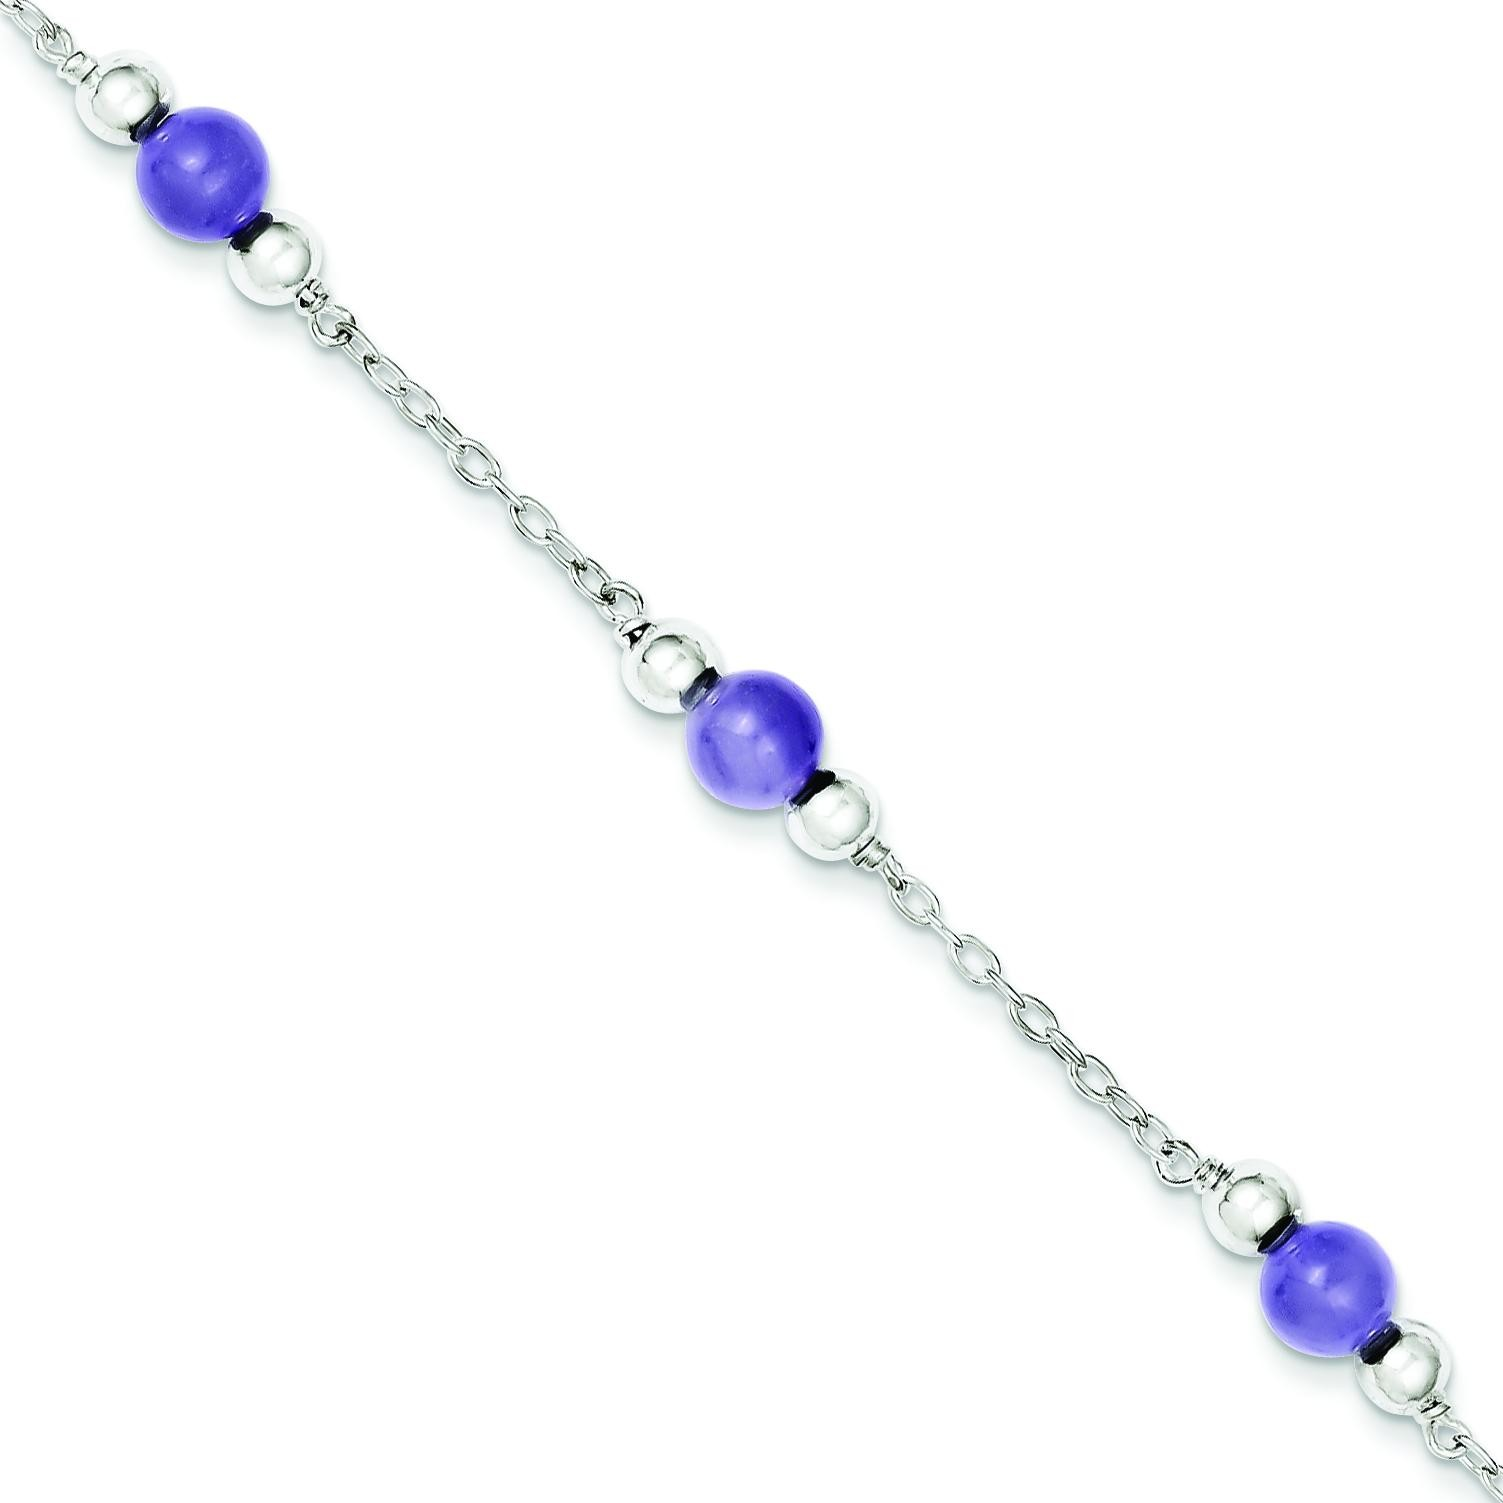 Lavender Jade Anklet in Sterling Silver